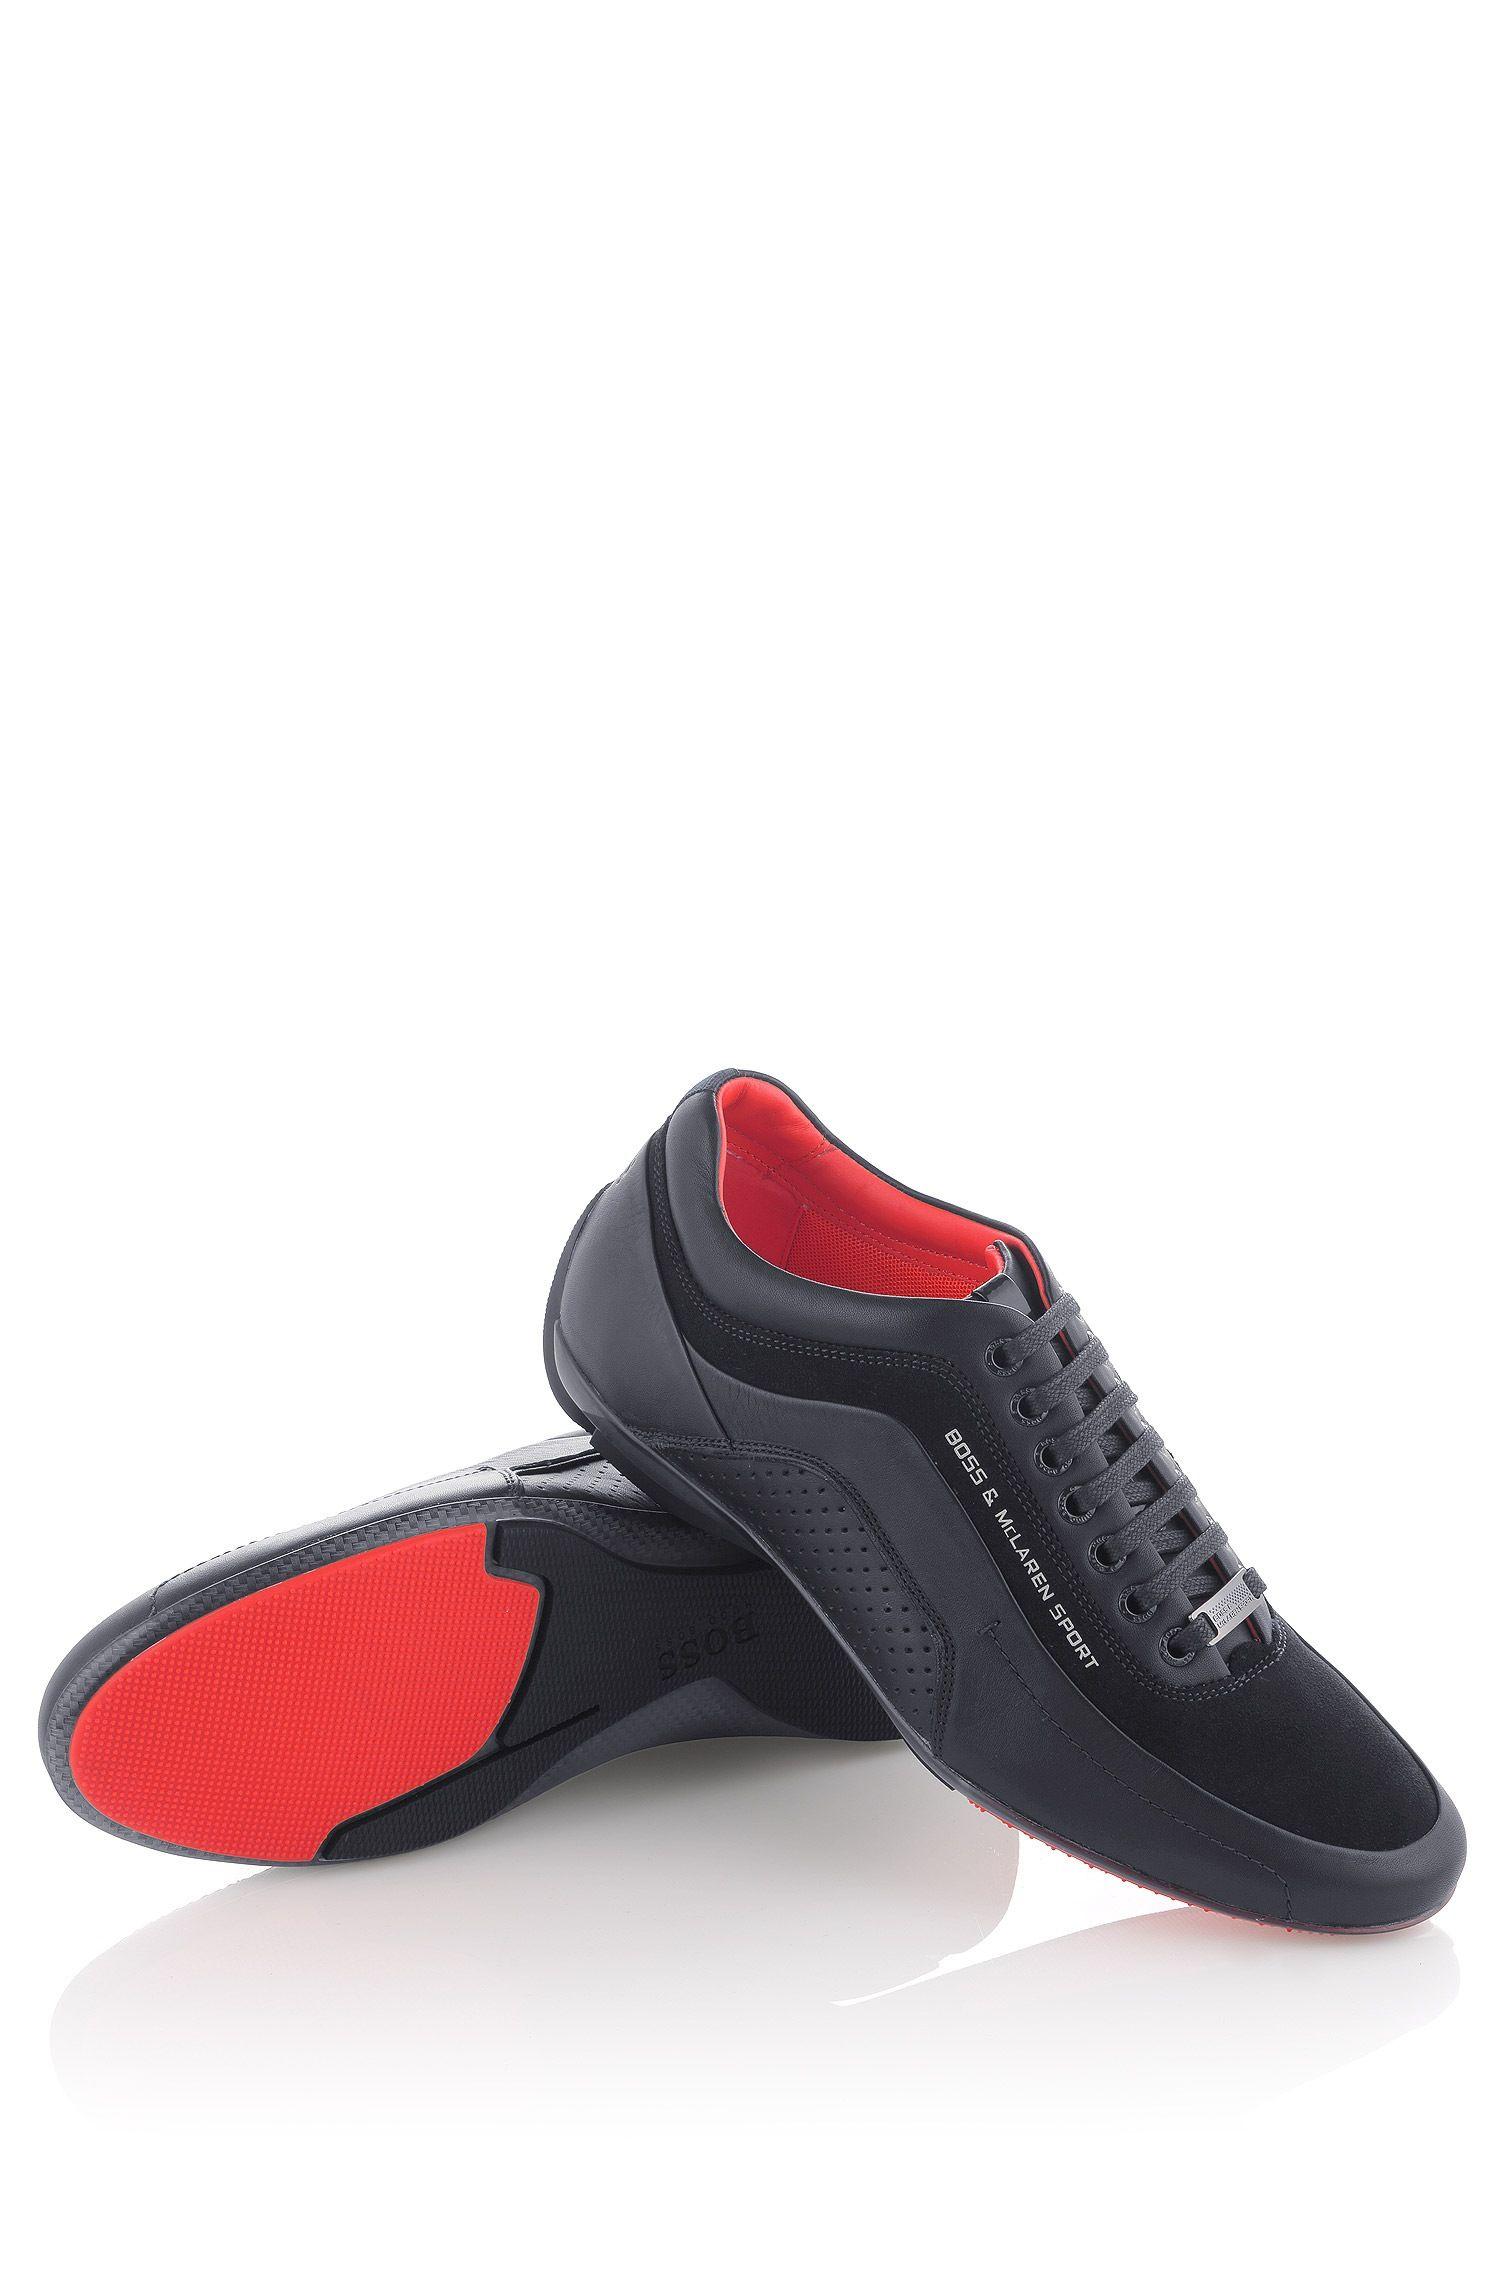 new products 8adef cc6ec BOSS Sneakers 'Larenno' uit de McLaren-collectie Donkerblauw ...